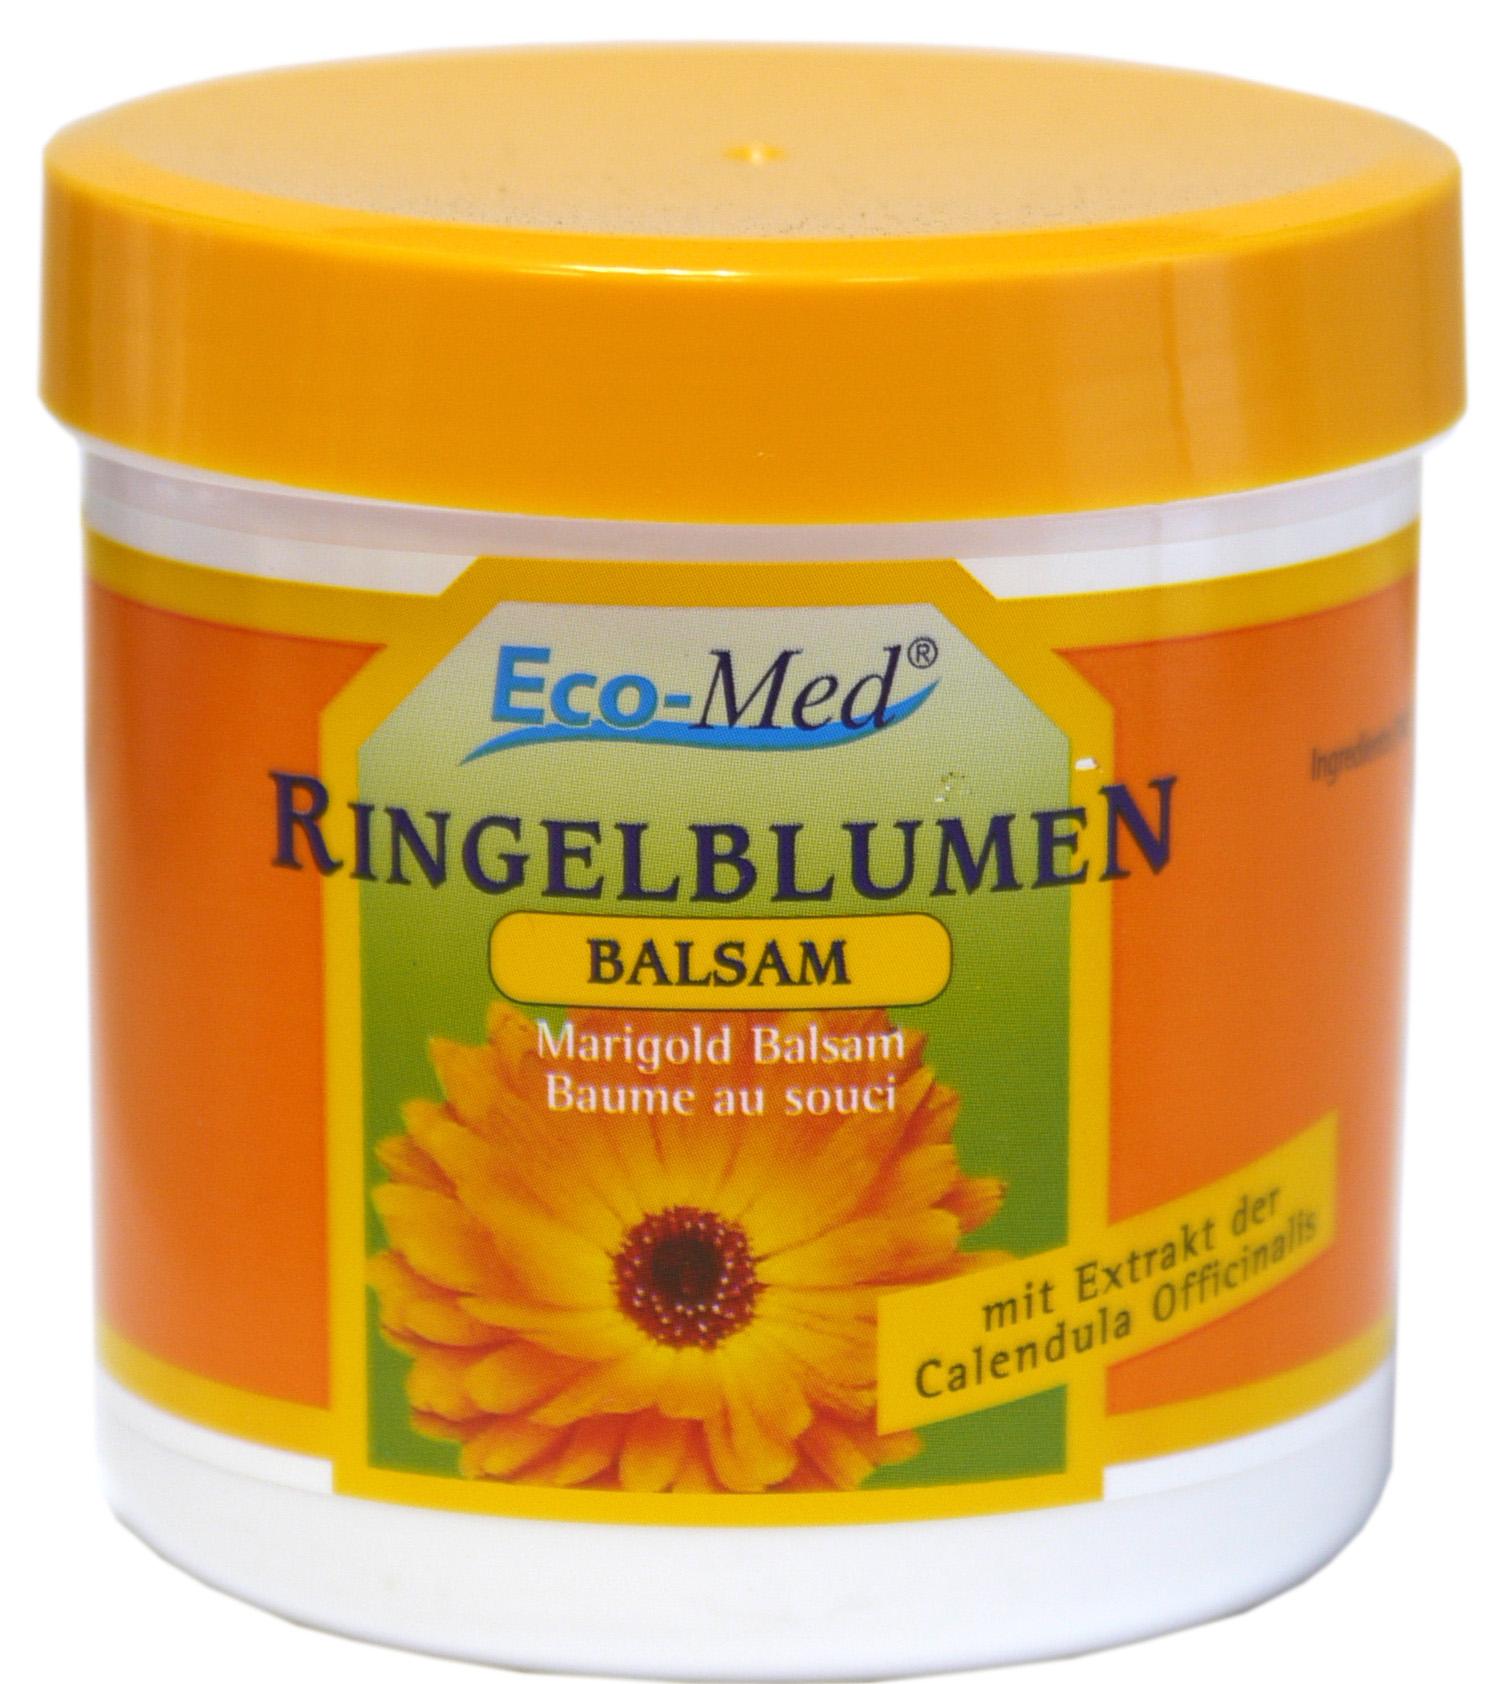 01856 - Eco-Med Ringelblumen Balsam 250 ml